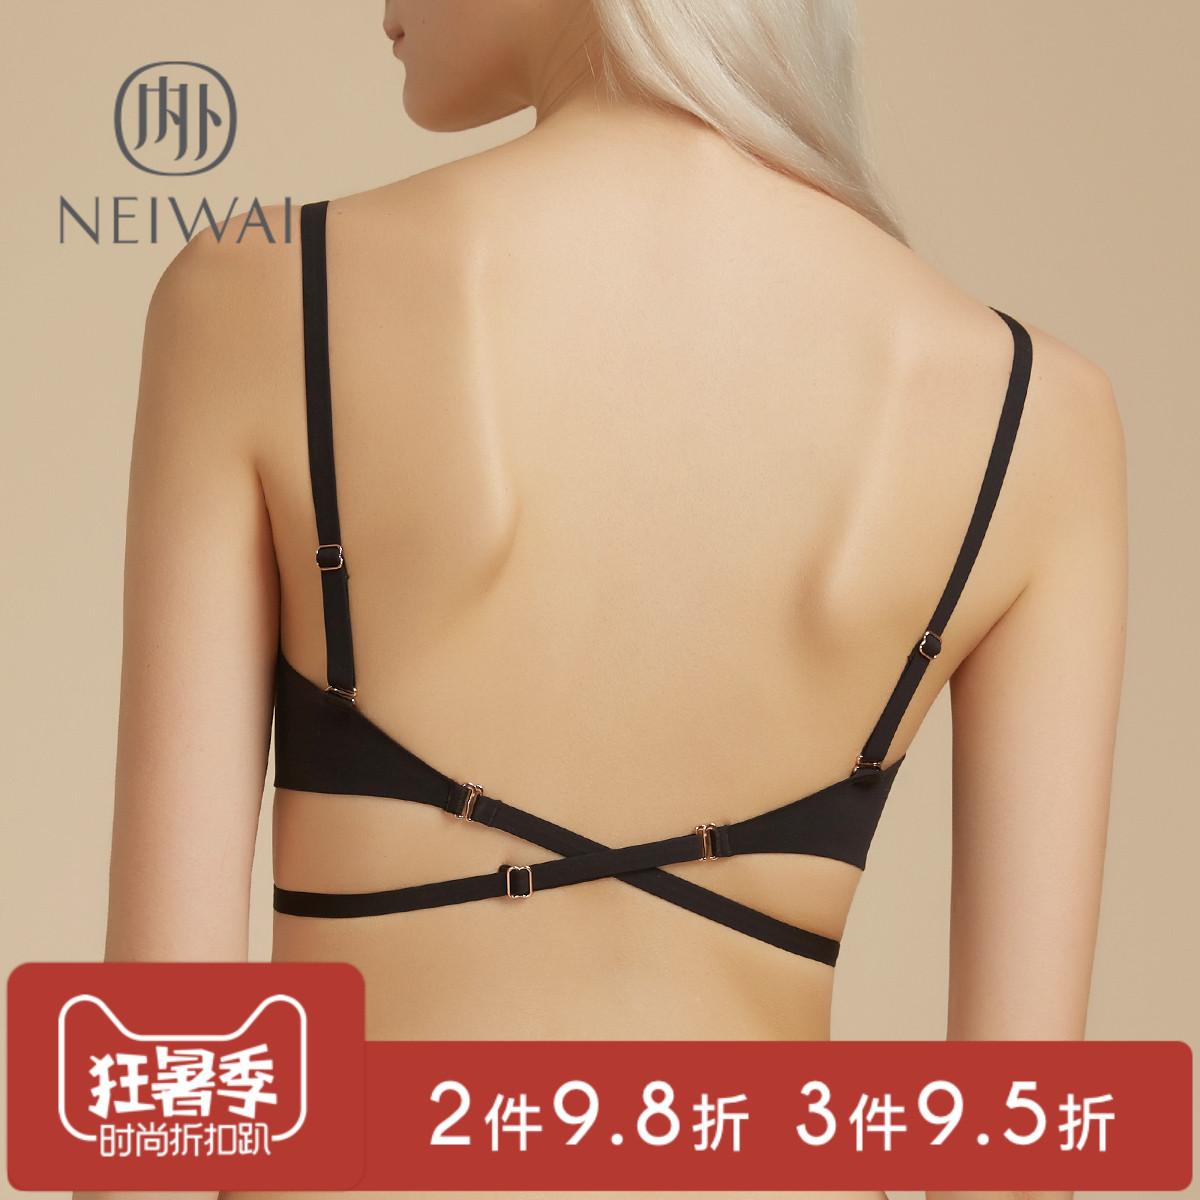 [Brao 3 miếng 95% off] NEIWAI Air cảm giác ánh sáng dây đeo mà không có vòng thép bra vẻ đẹp trở lại đồ lót